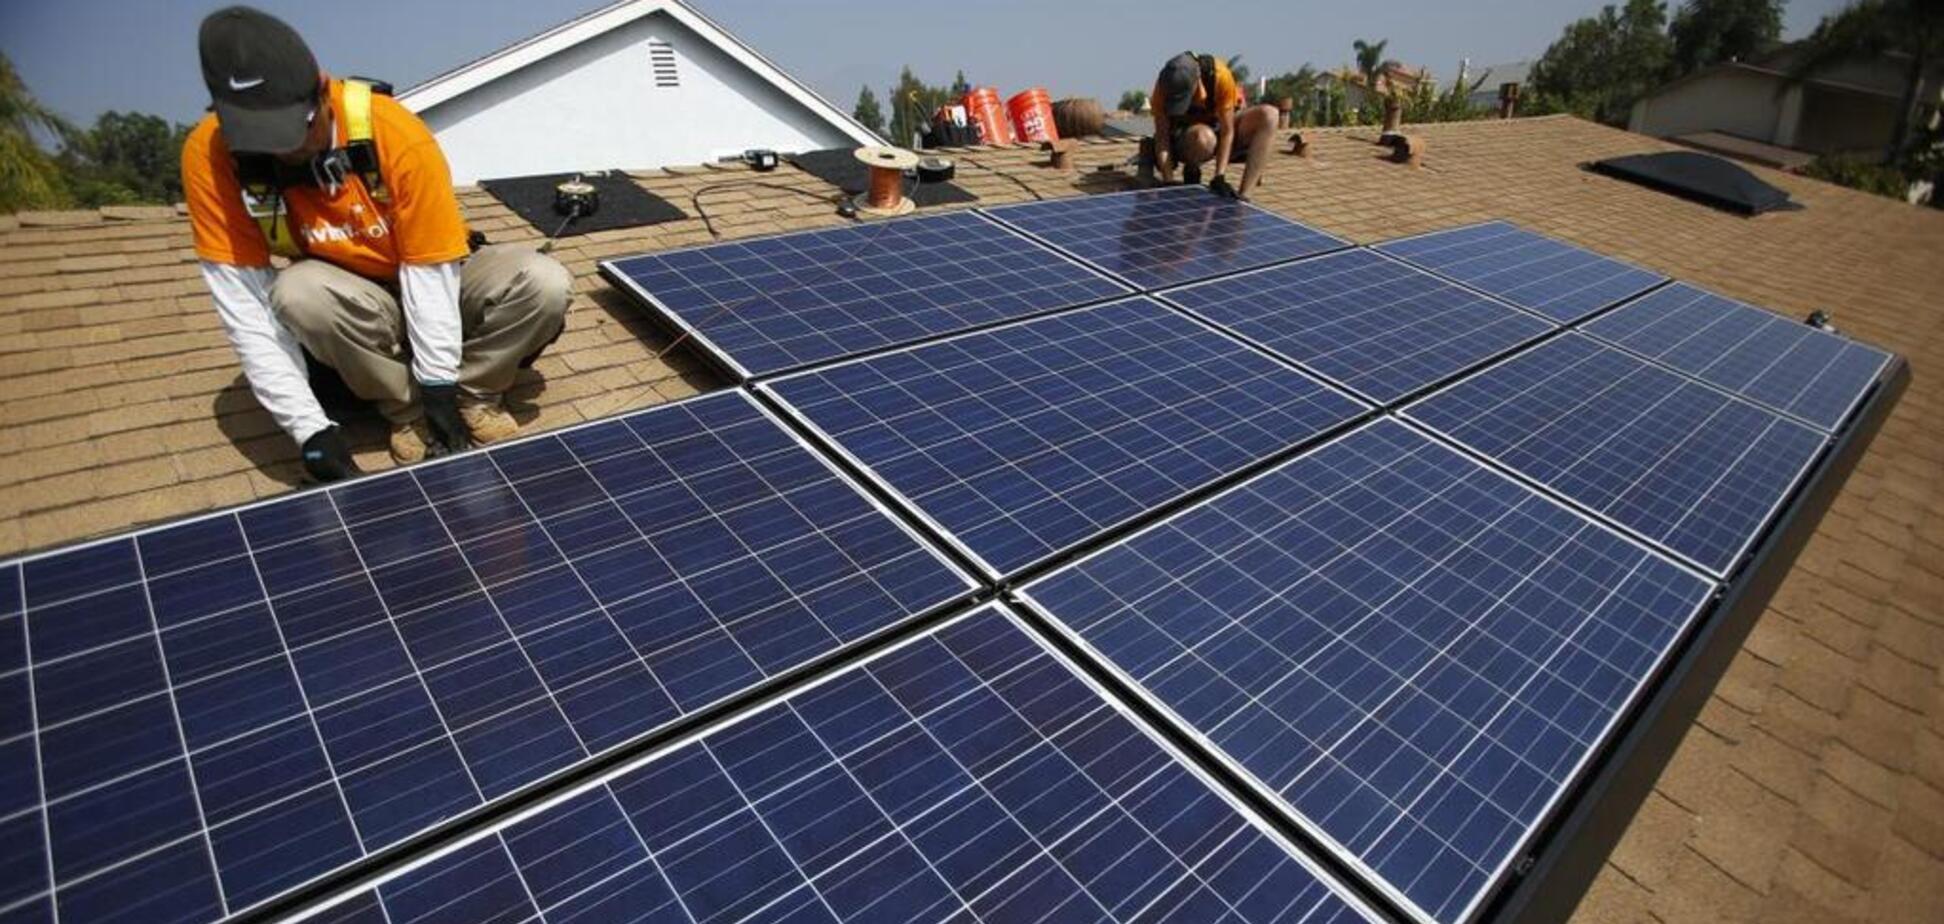 Солнечная электростанция на дому: озвучены советы по установке и подключению